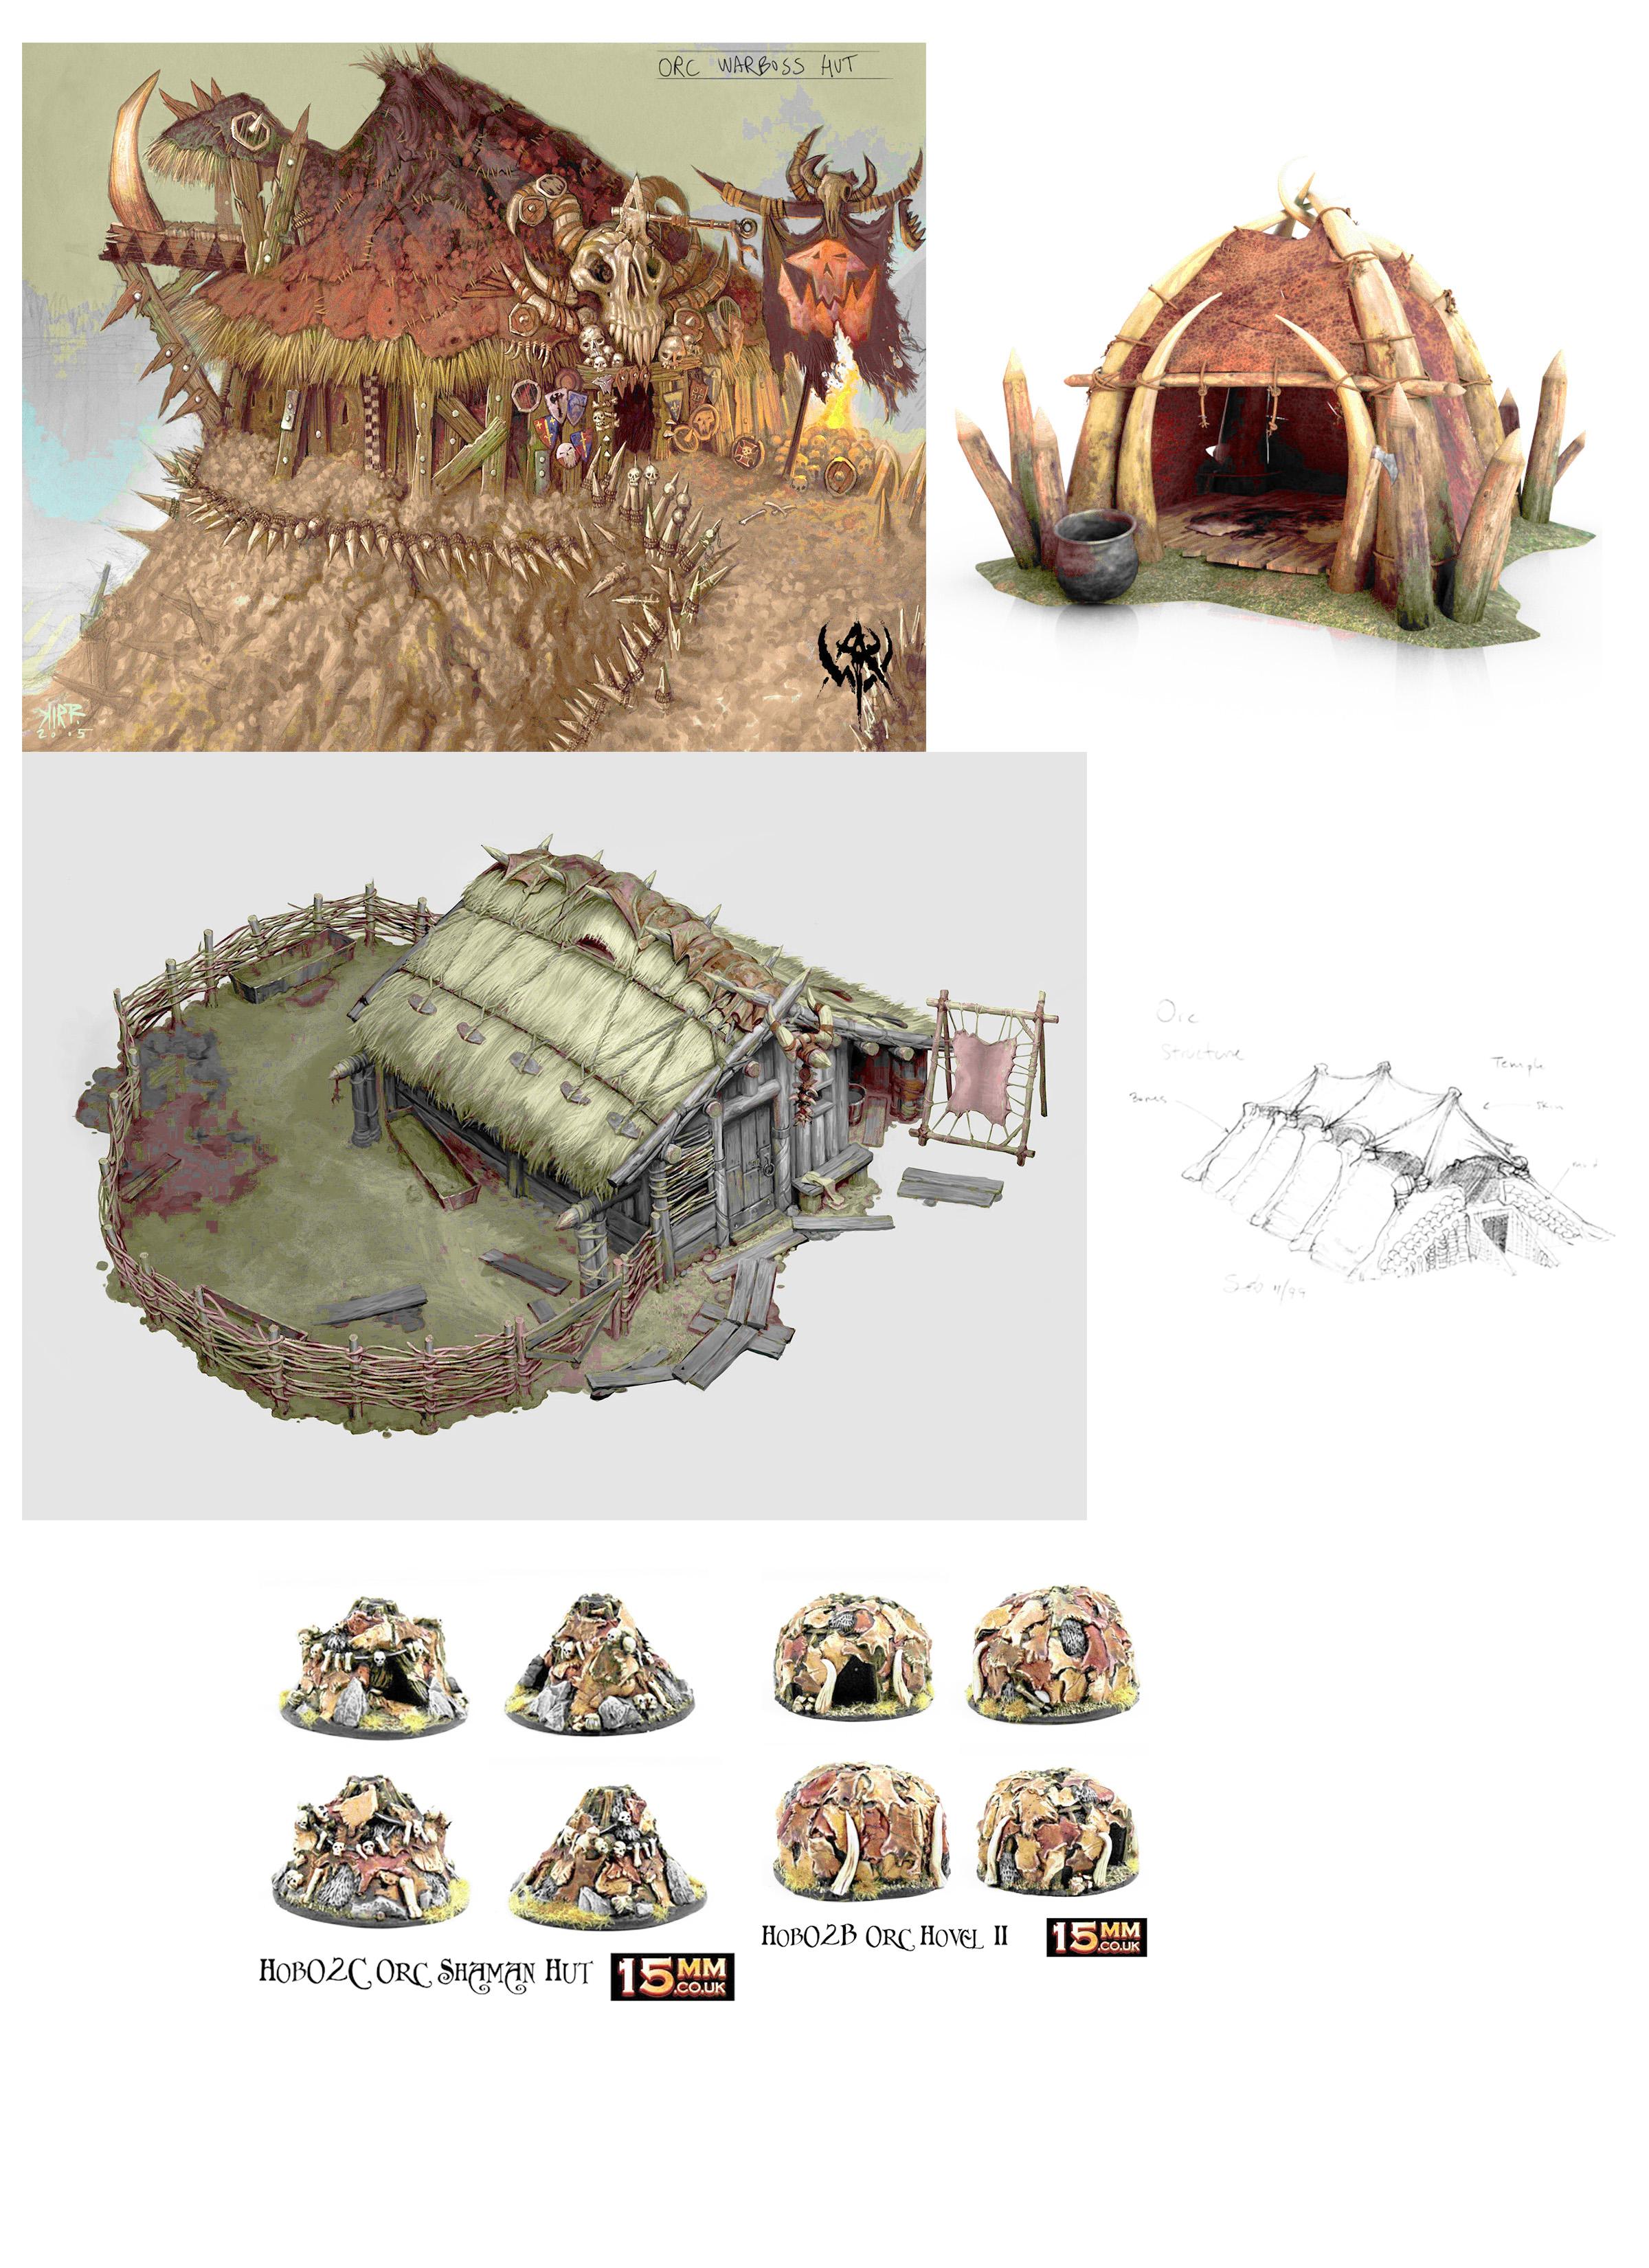 orc huts.jpg